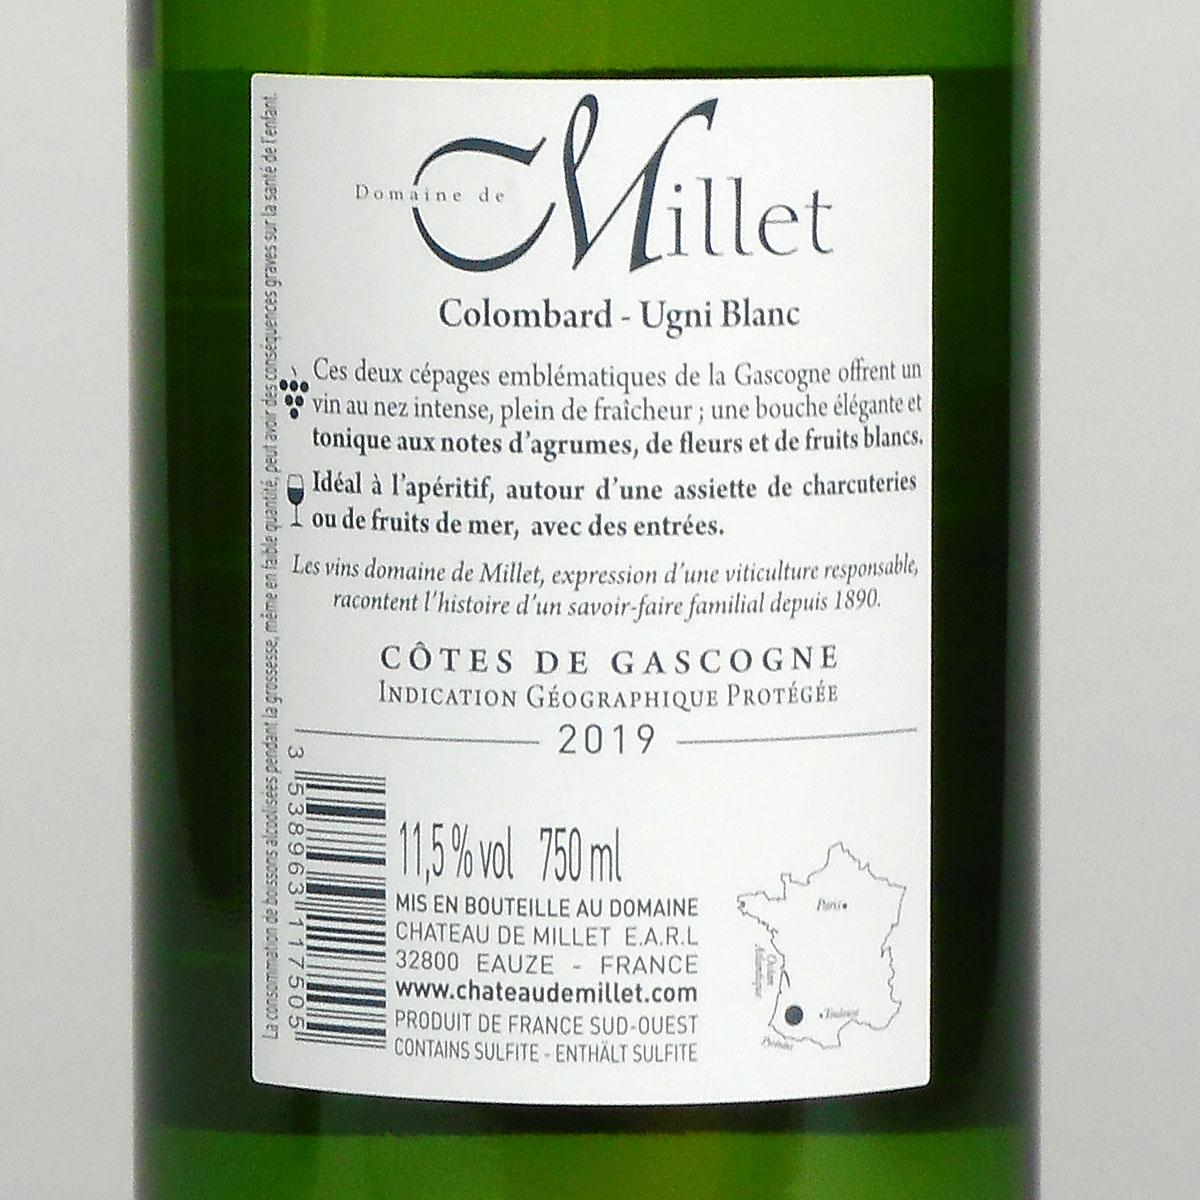 Côtes de Gascogne: Domaine Millet Colombard - Ugni Blanc 2019 - Bottle Rear Label